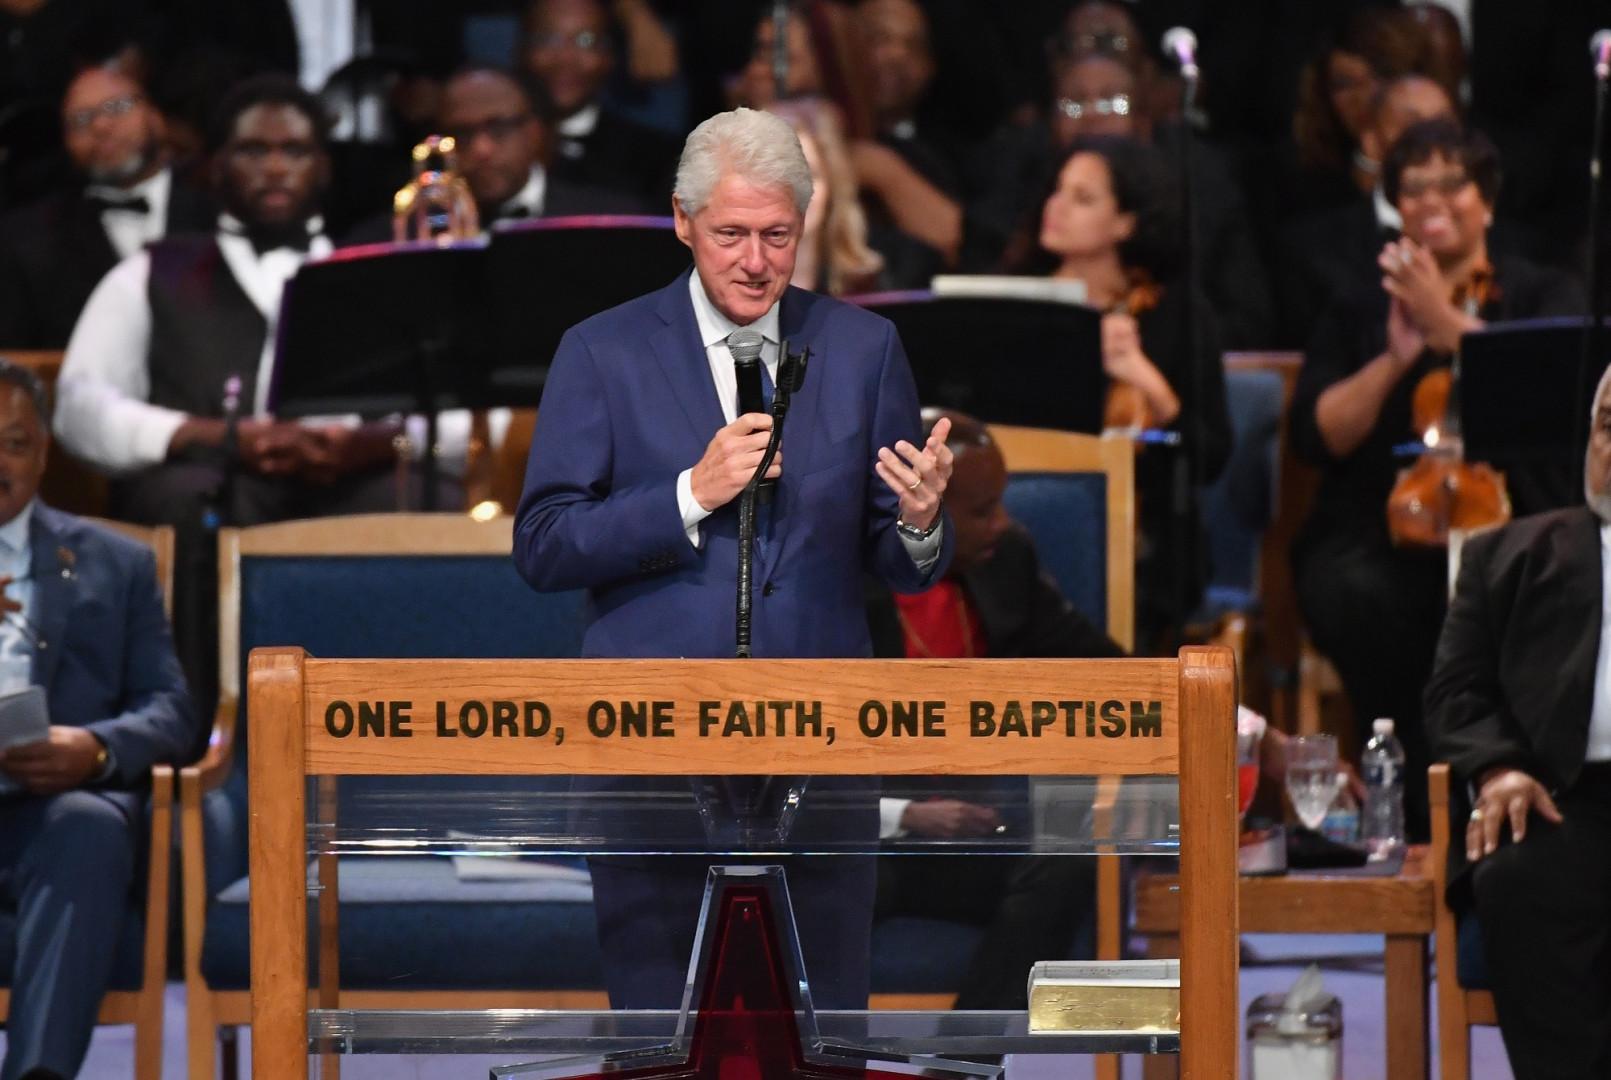 L'ancien président américain Bill Clinton a rendu hommage à l'héritage d'Aretha Franklin.